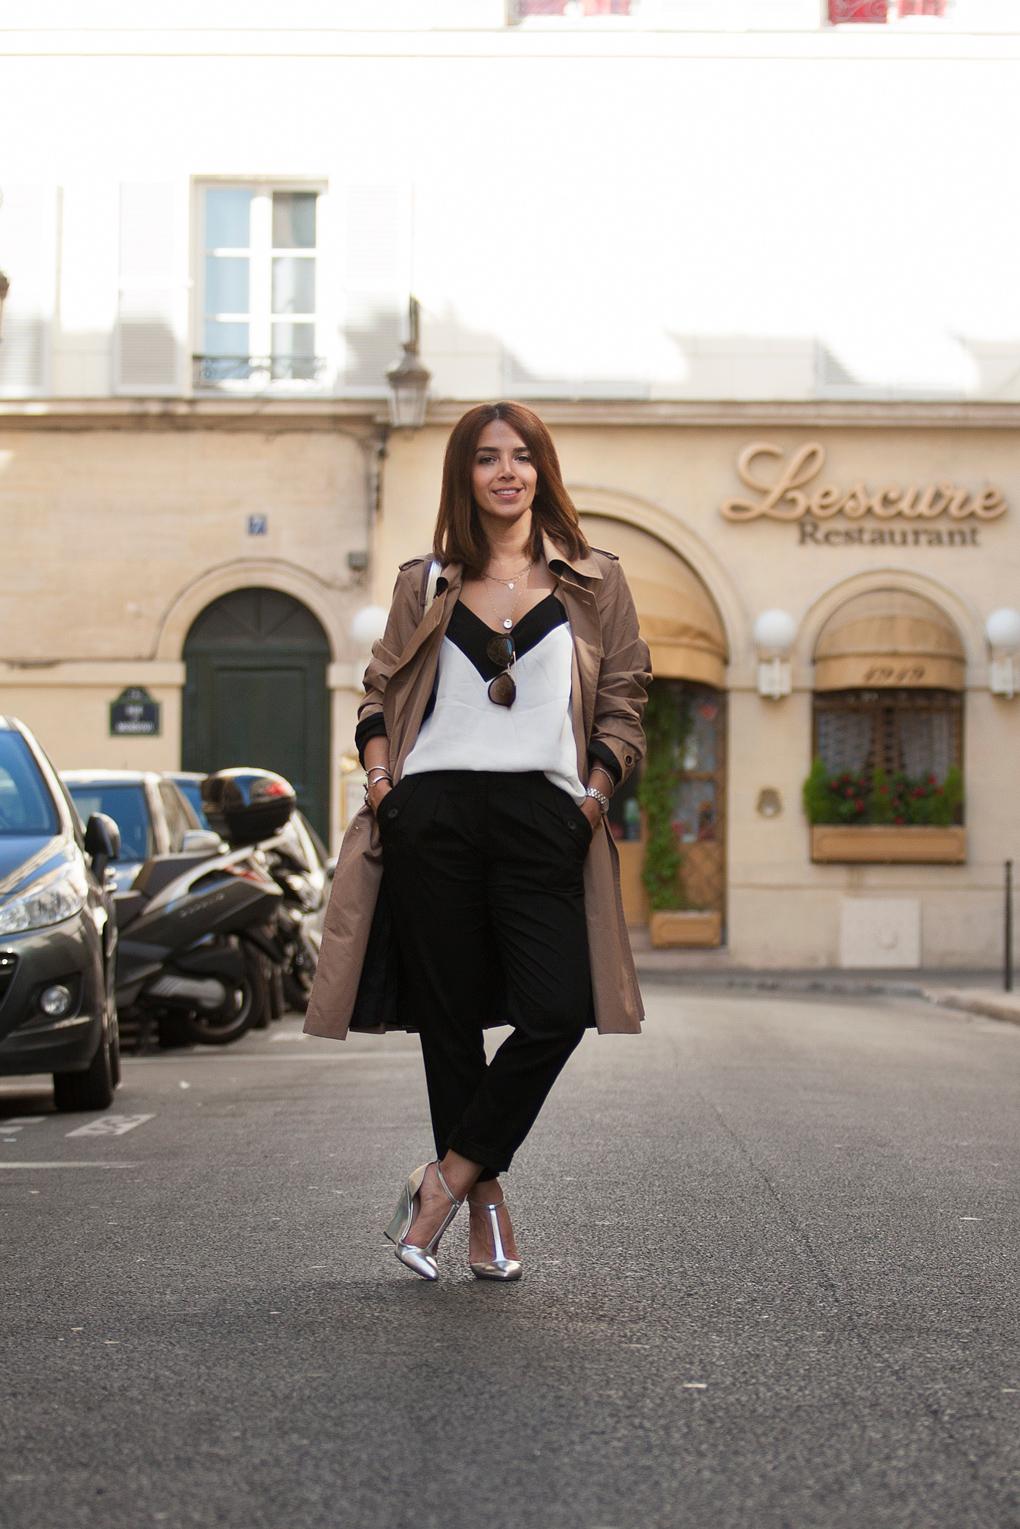 Lyla_Loves_Fashion_Escada_Trench_coat_Paris_Fashion_Week_1256